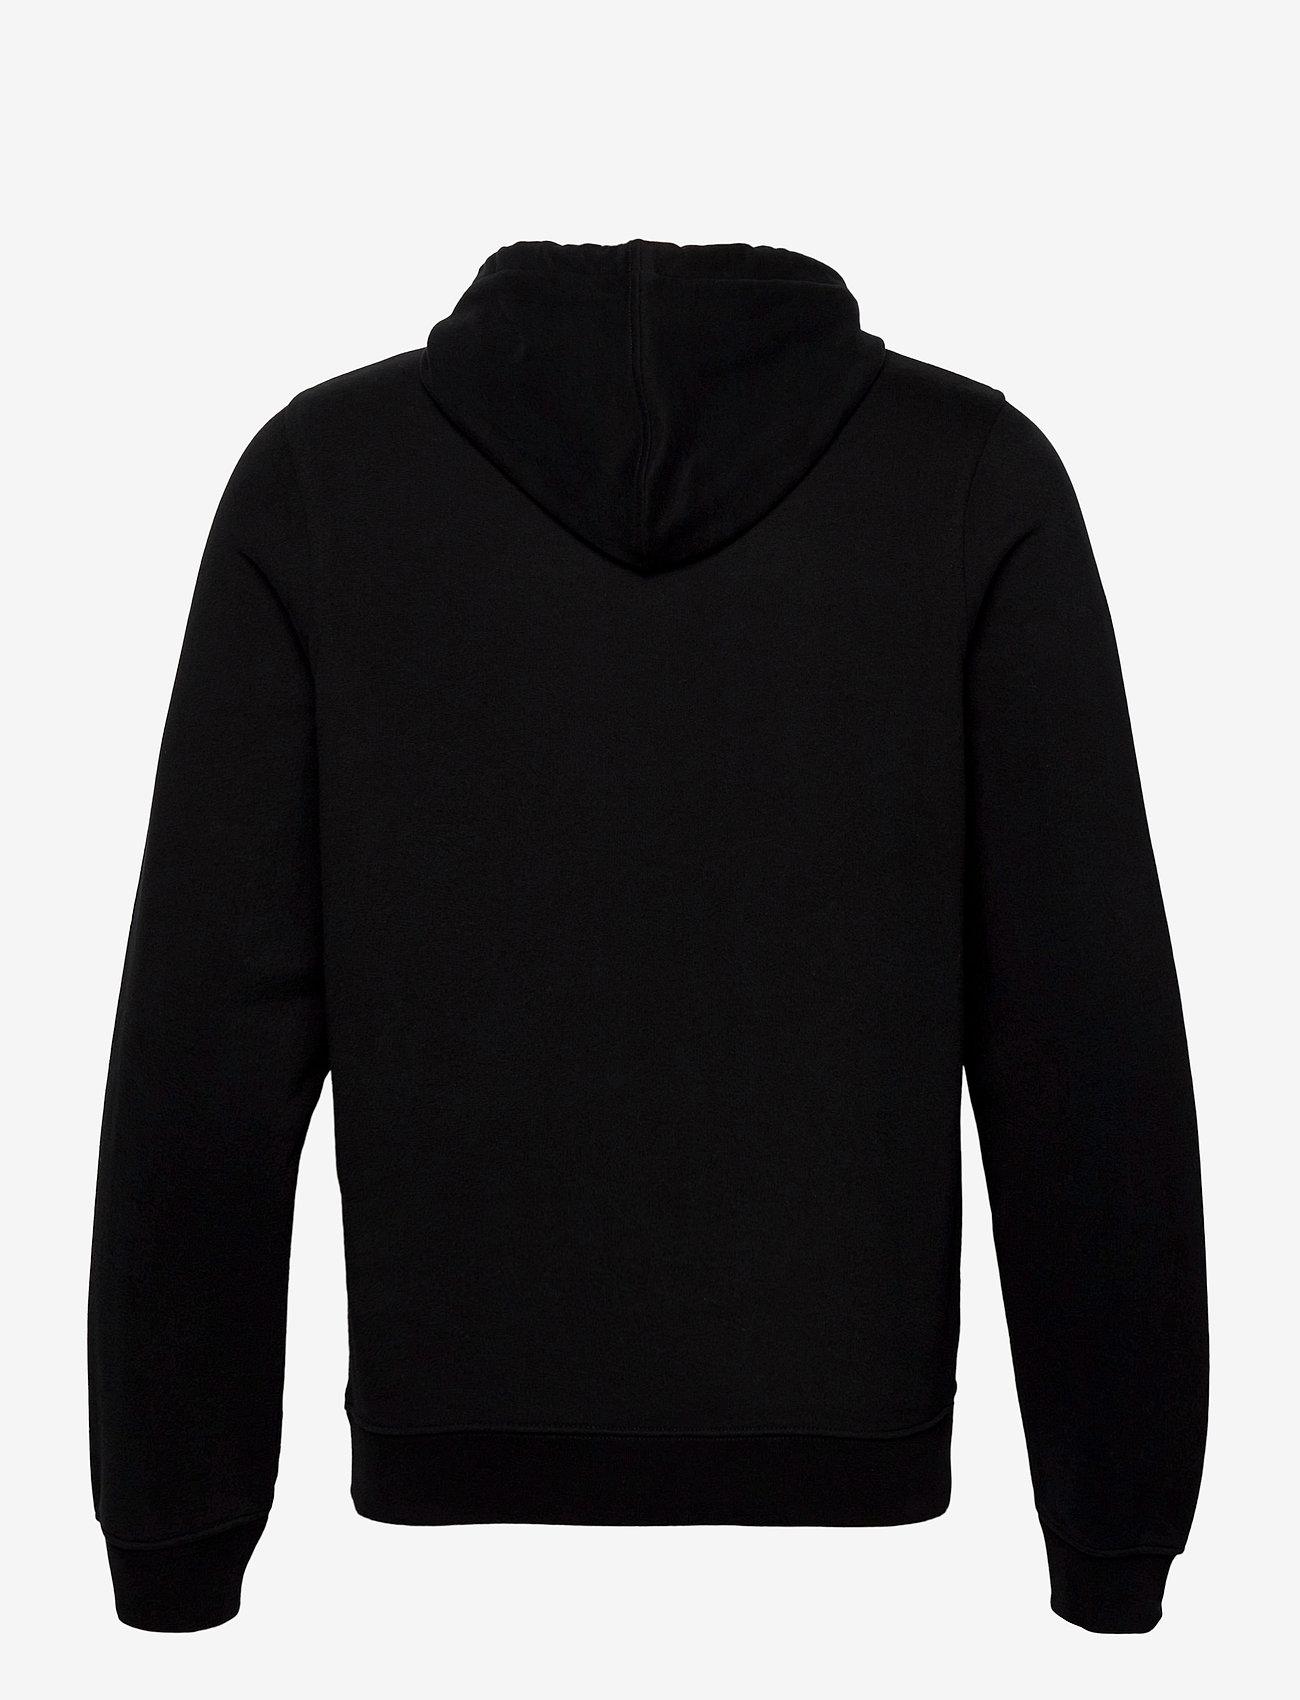 Belstaff - EMBROIDERY APPLIQUE HOODIE - hoodies - black - 1